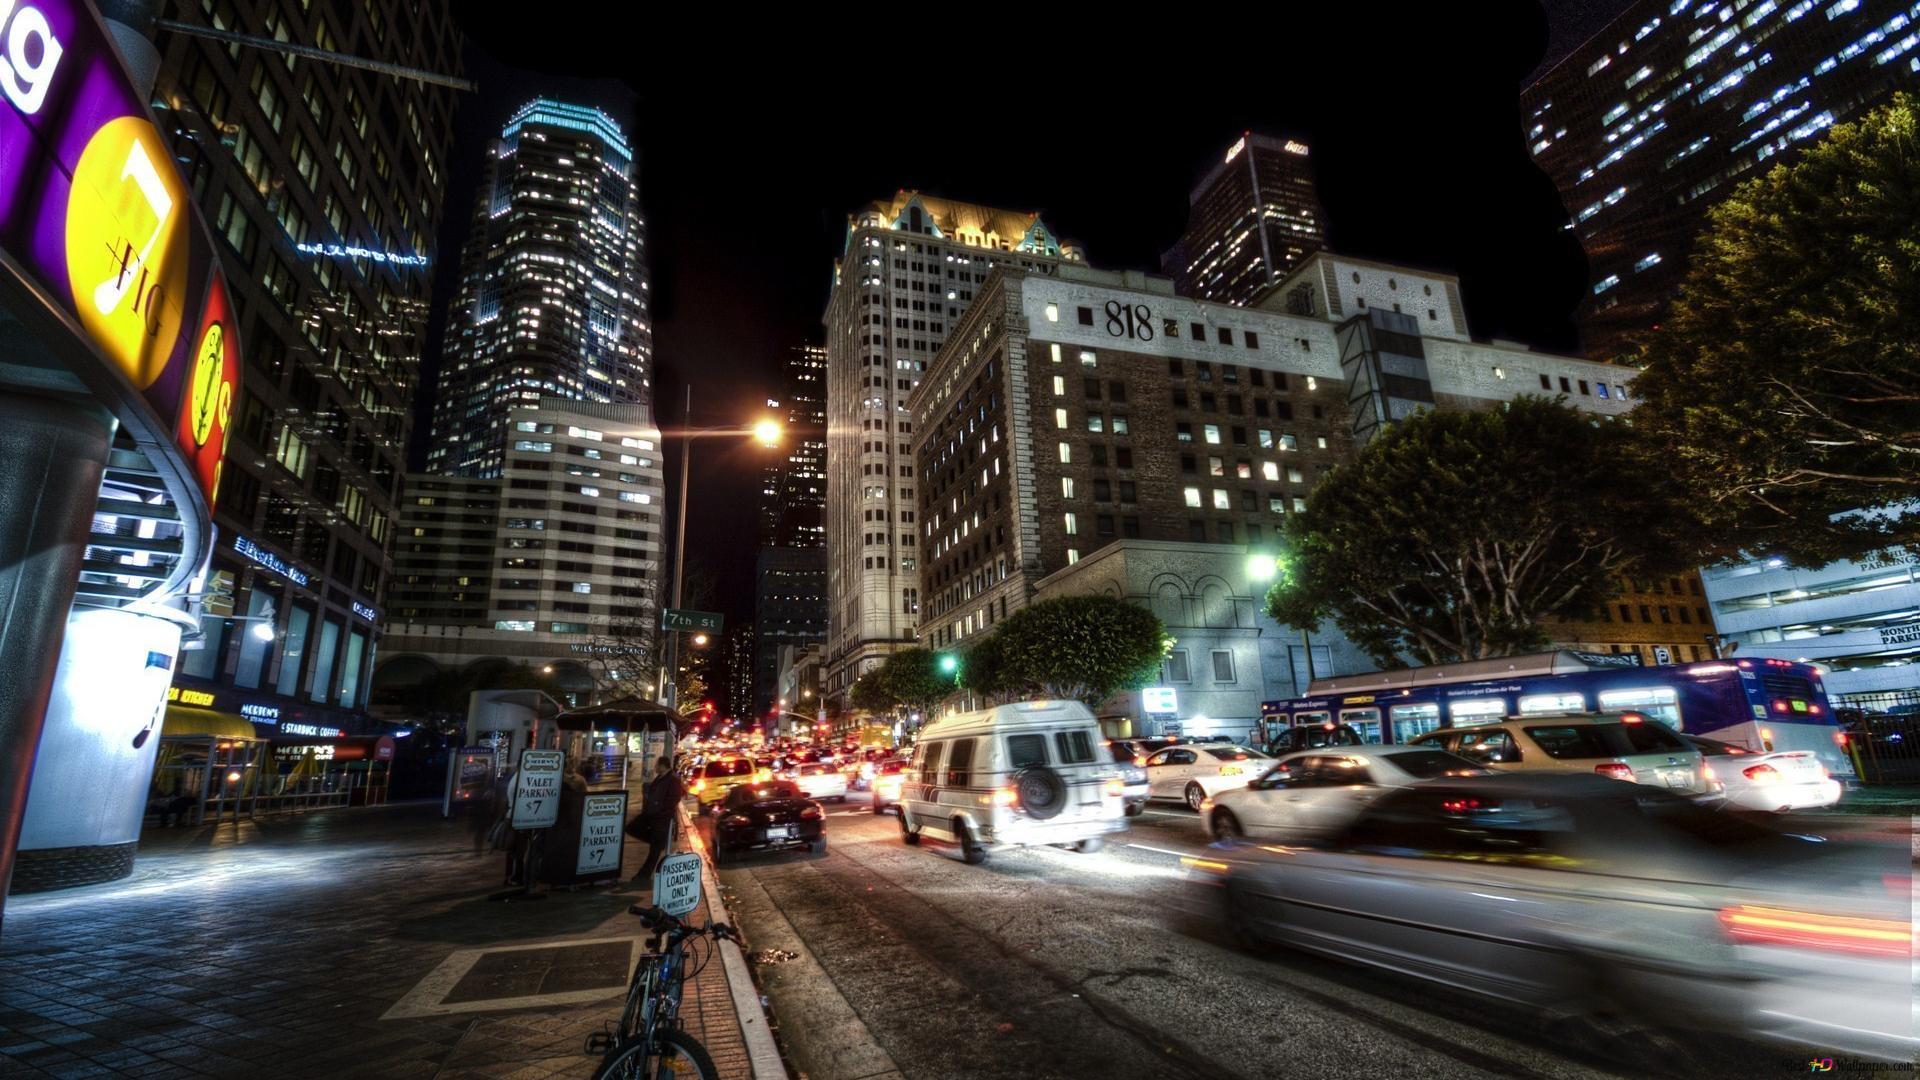 ロサンゼルスの夜の摩天楼 Hd壁紙のダウンロード